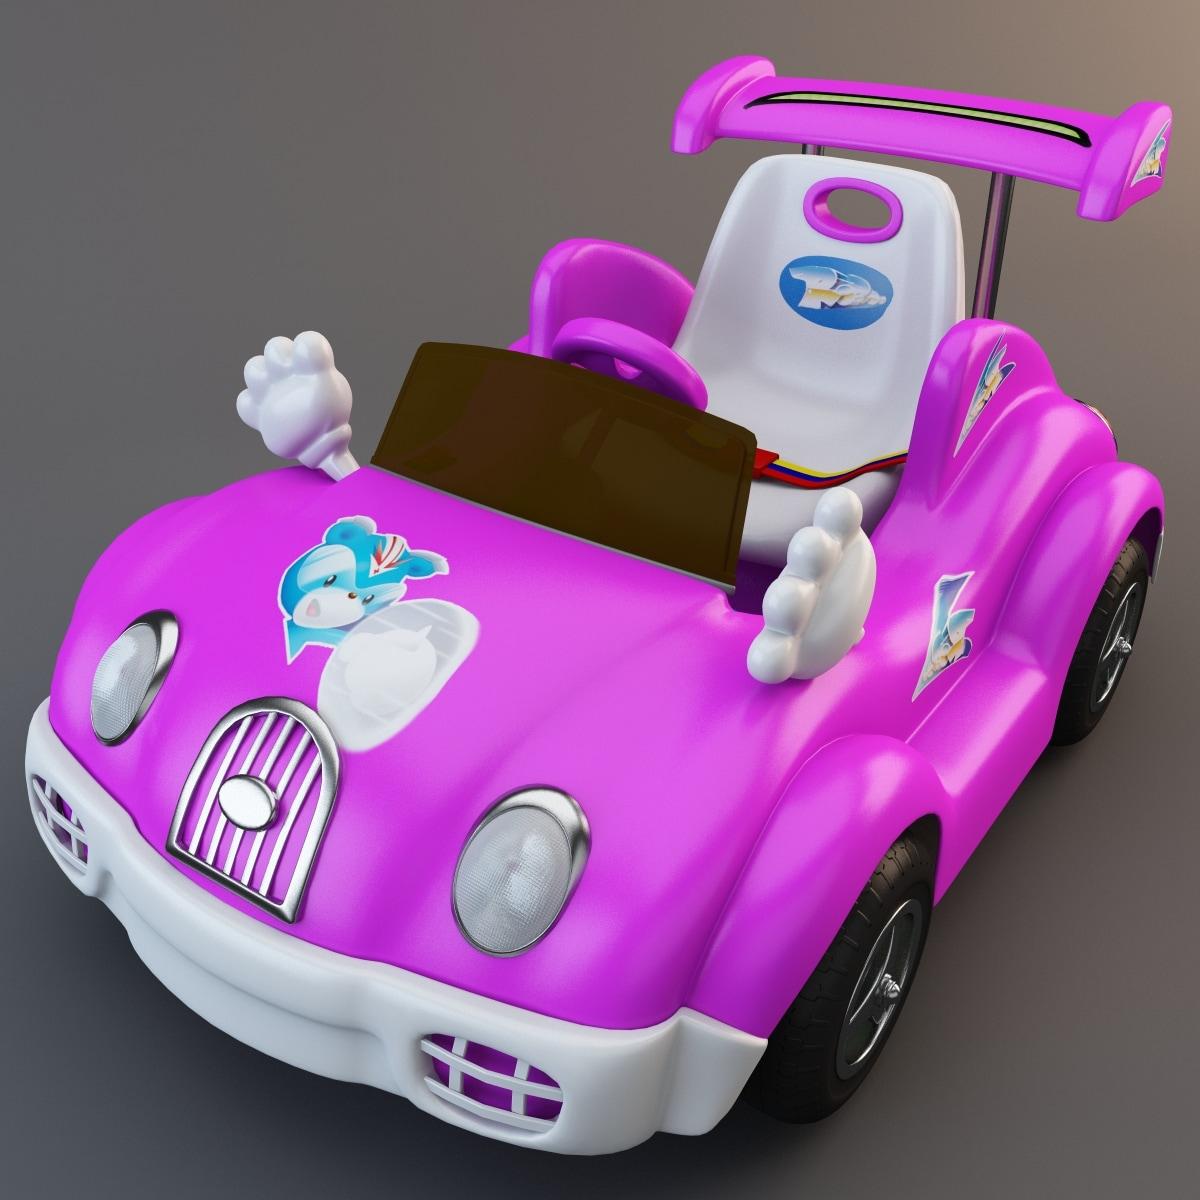 145381_Toy_Car_3_001.jpg